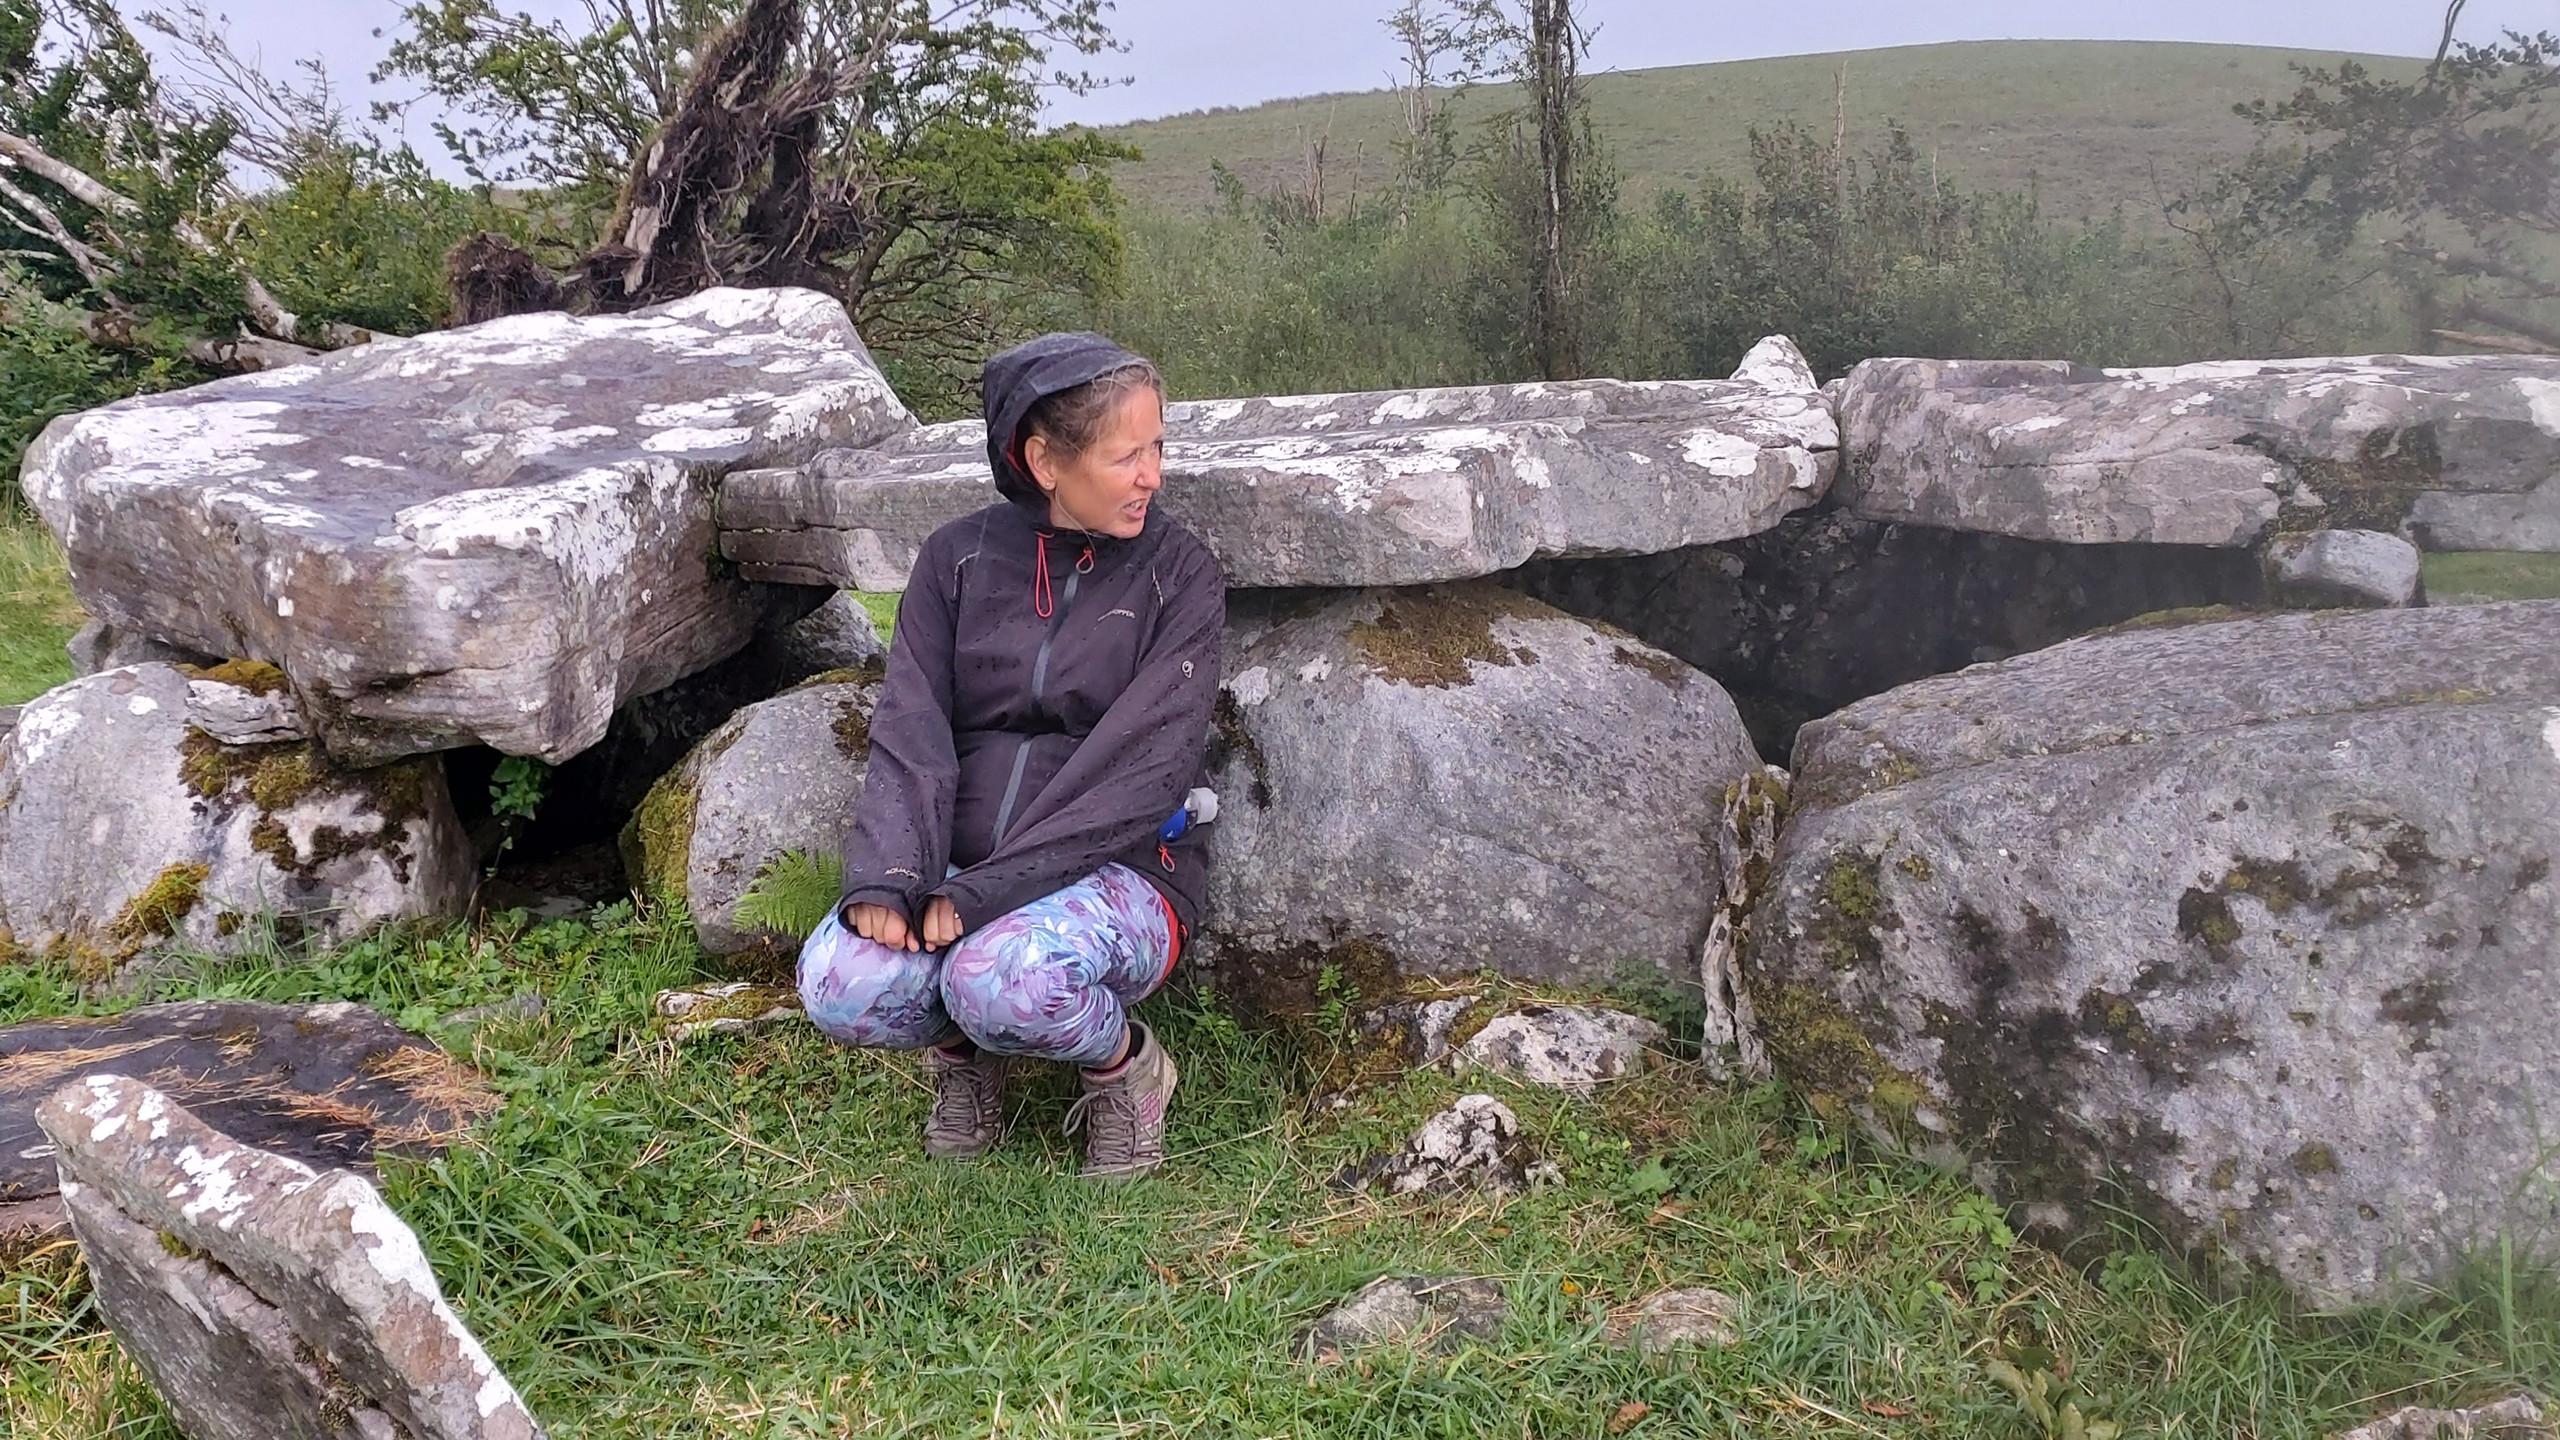 Jenni seeking shelter